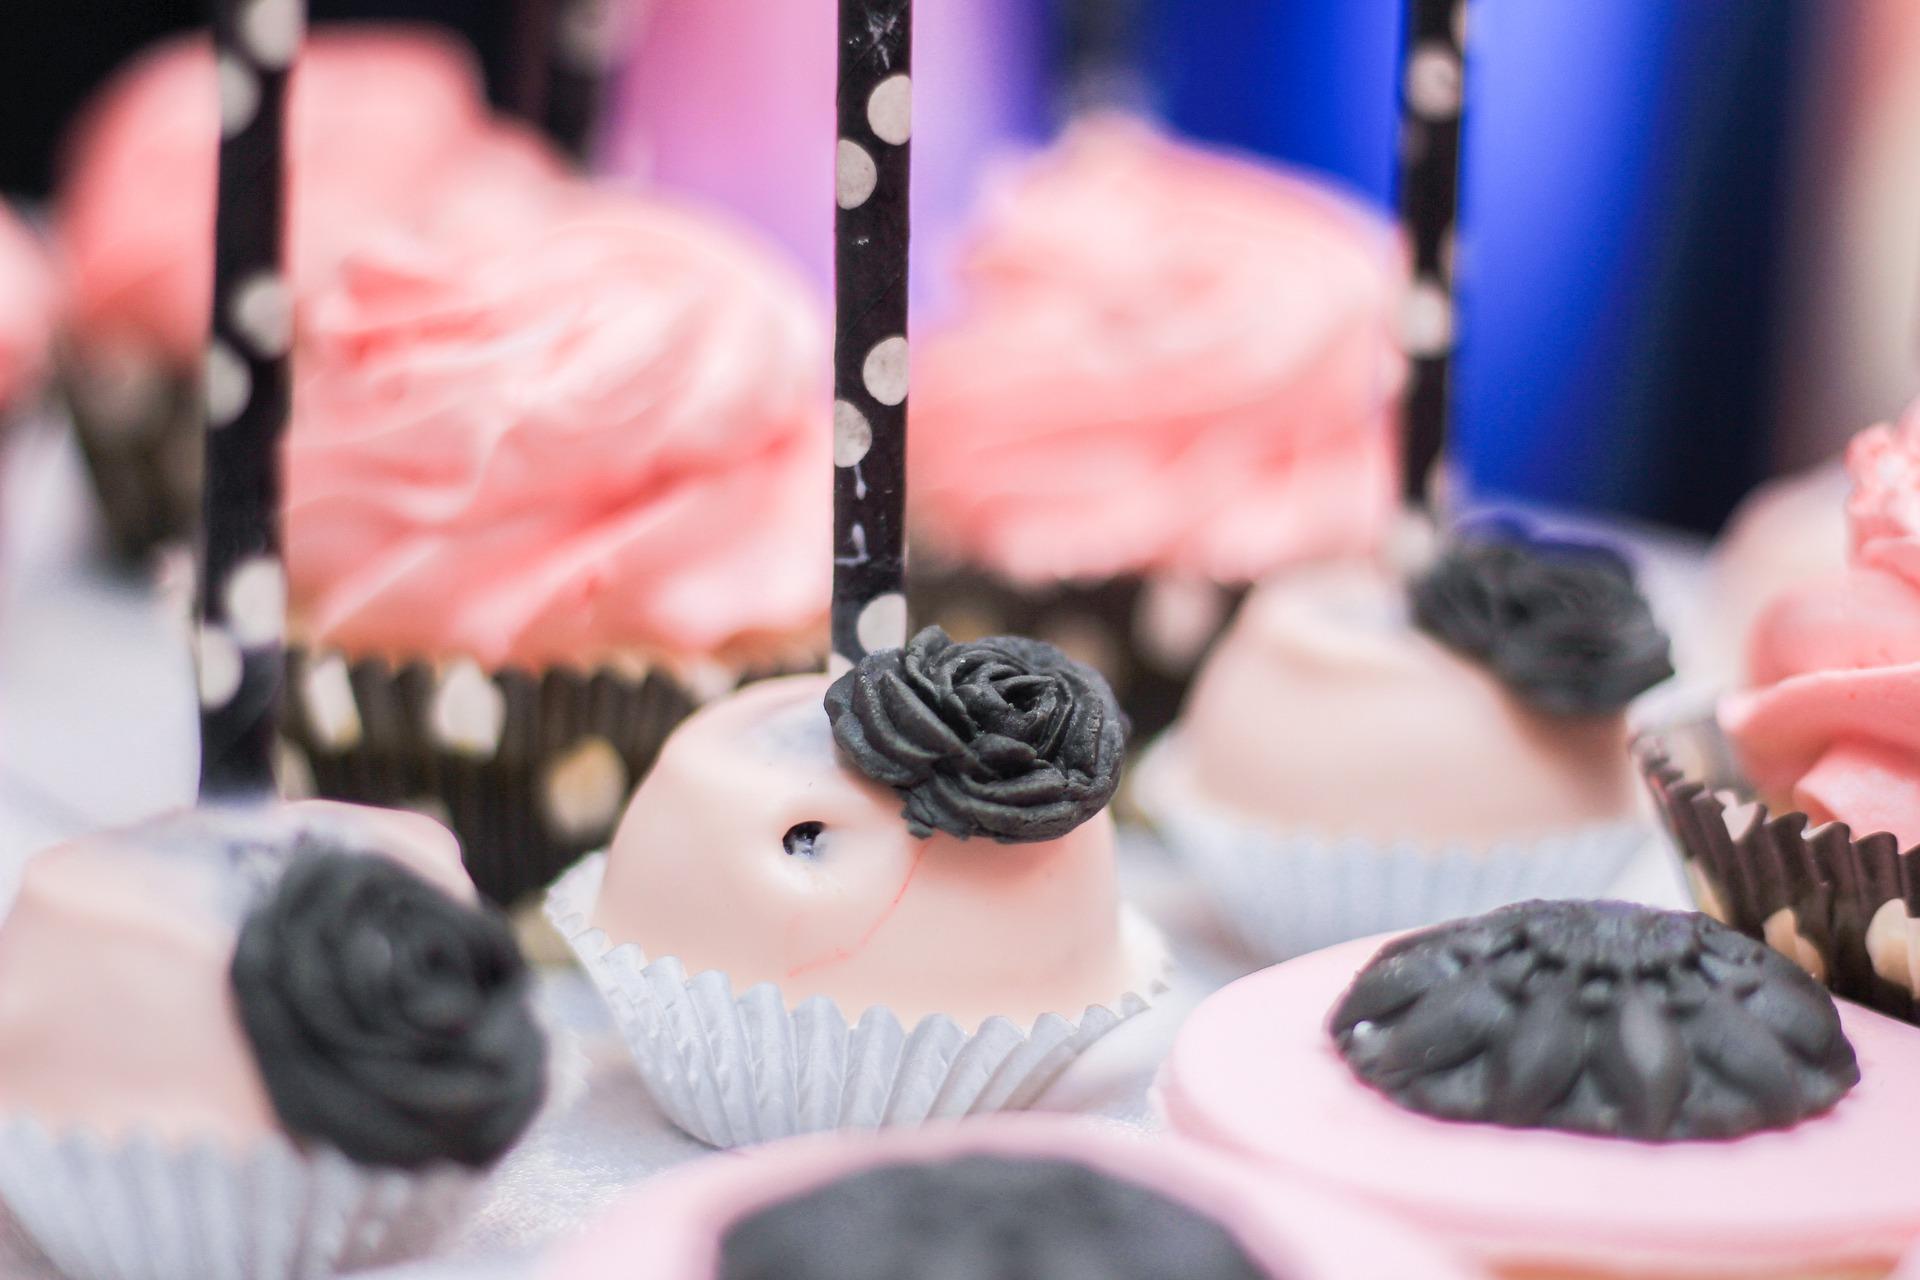 Los cake pops forman parte del universo del fondant